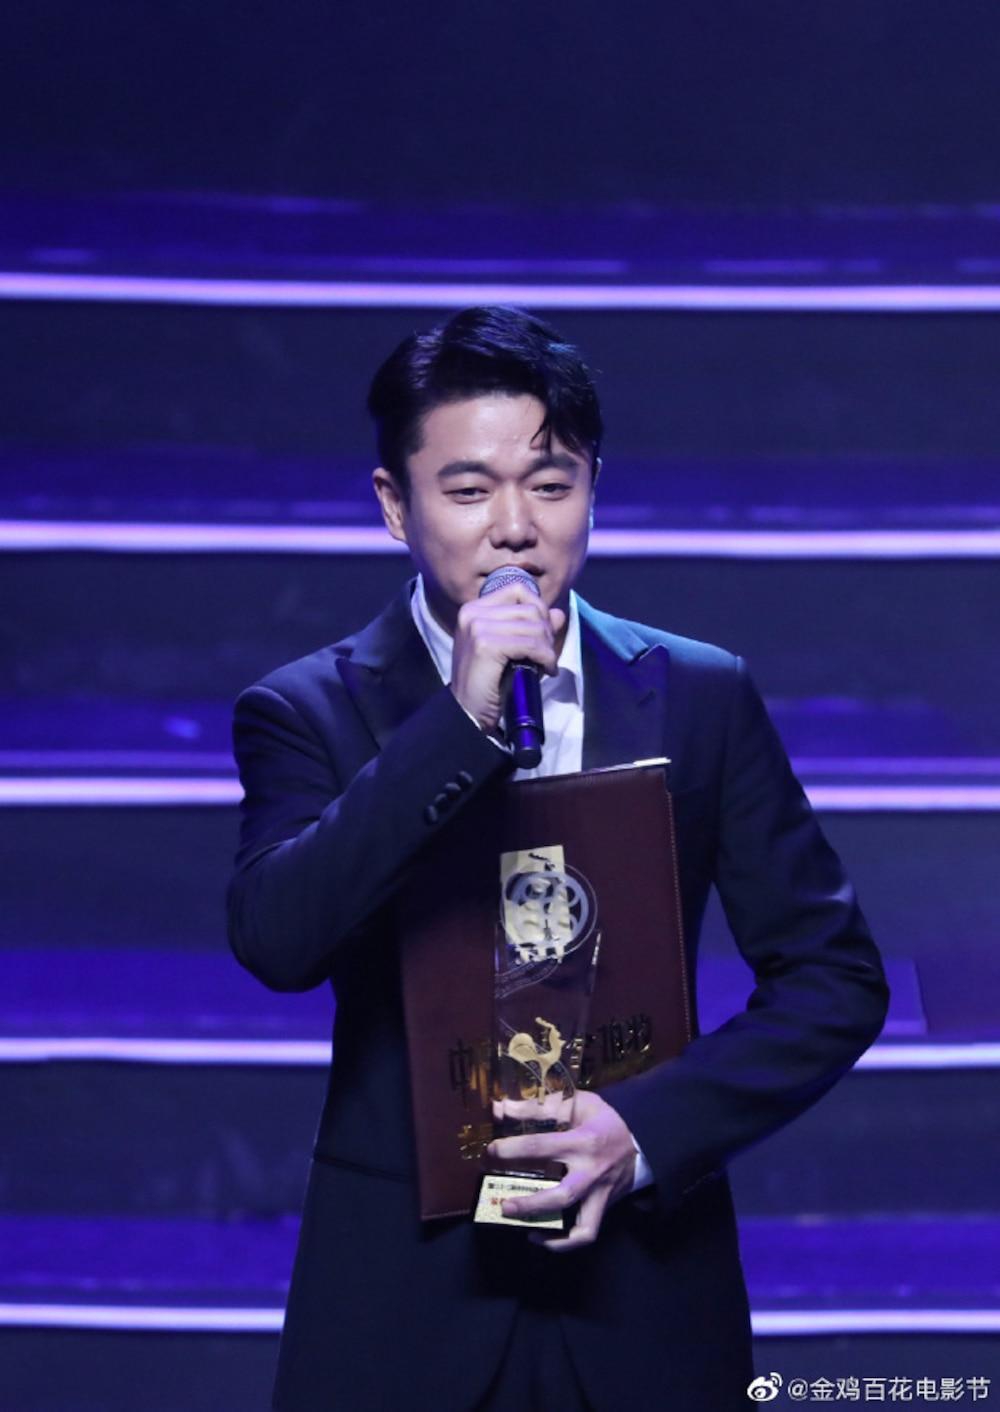 Dịch Dương Thiên Tỉ - Châu Đông Vũ cùng nhận thưởng đề cử, Huỳnh Hiểu Minh phát biểu gây chú ý Ảnh 12